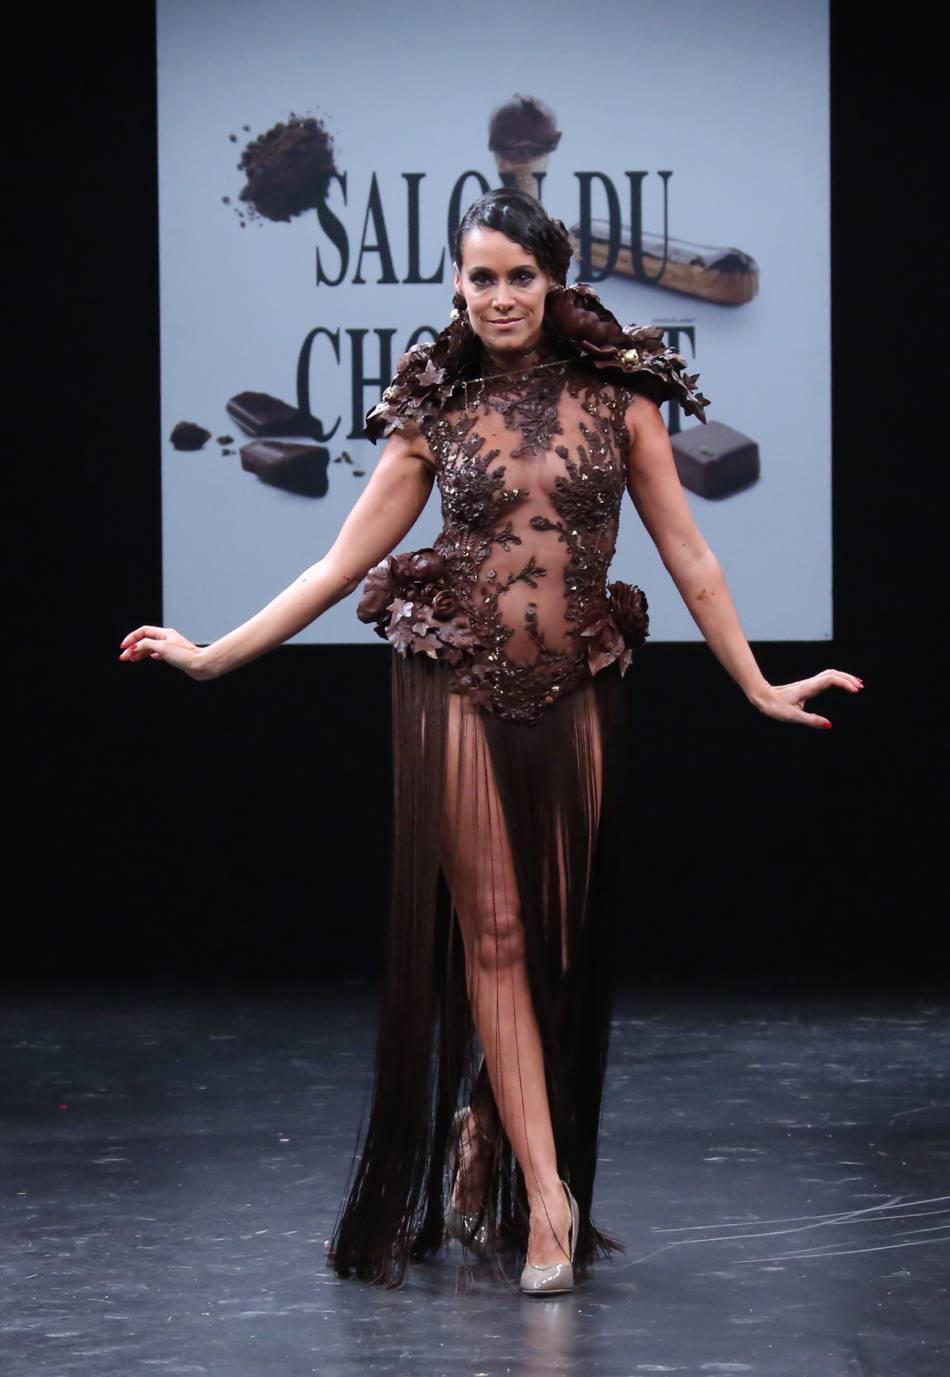 La bombe sexuelle du salon du chocolat, c'était Karine Lima !